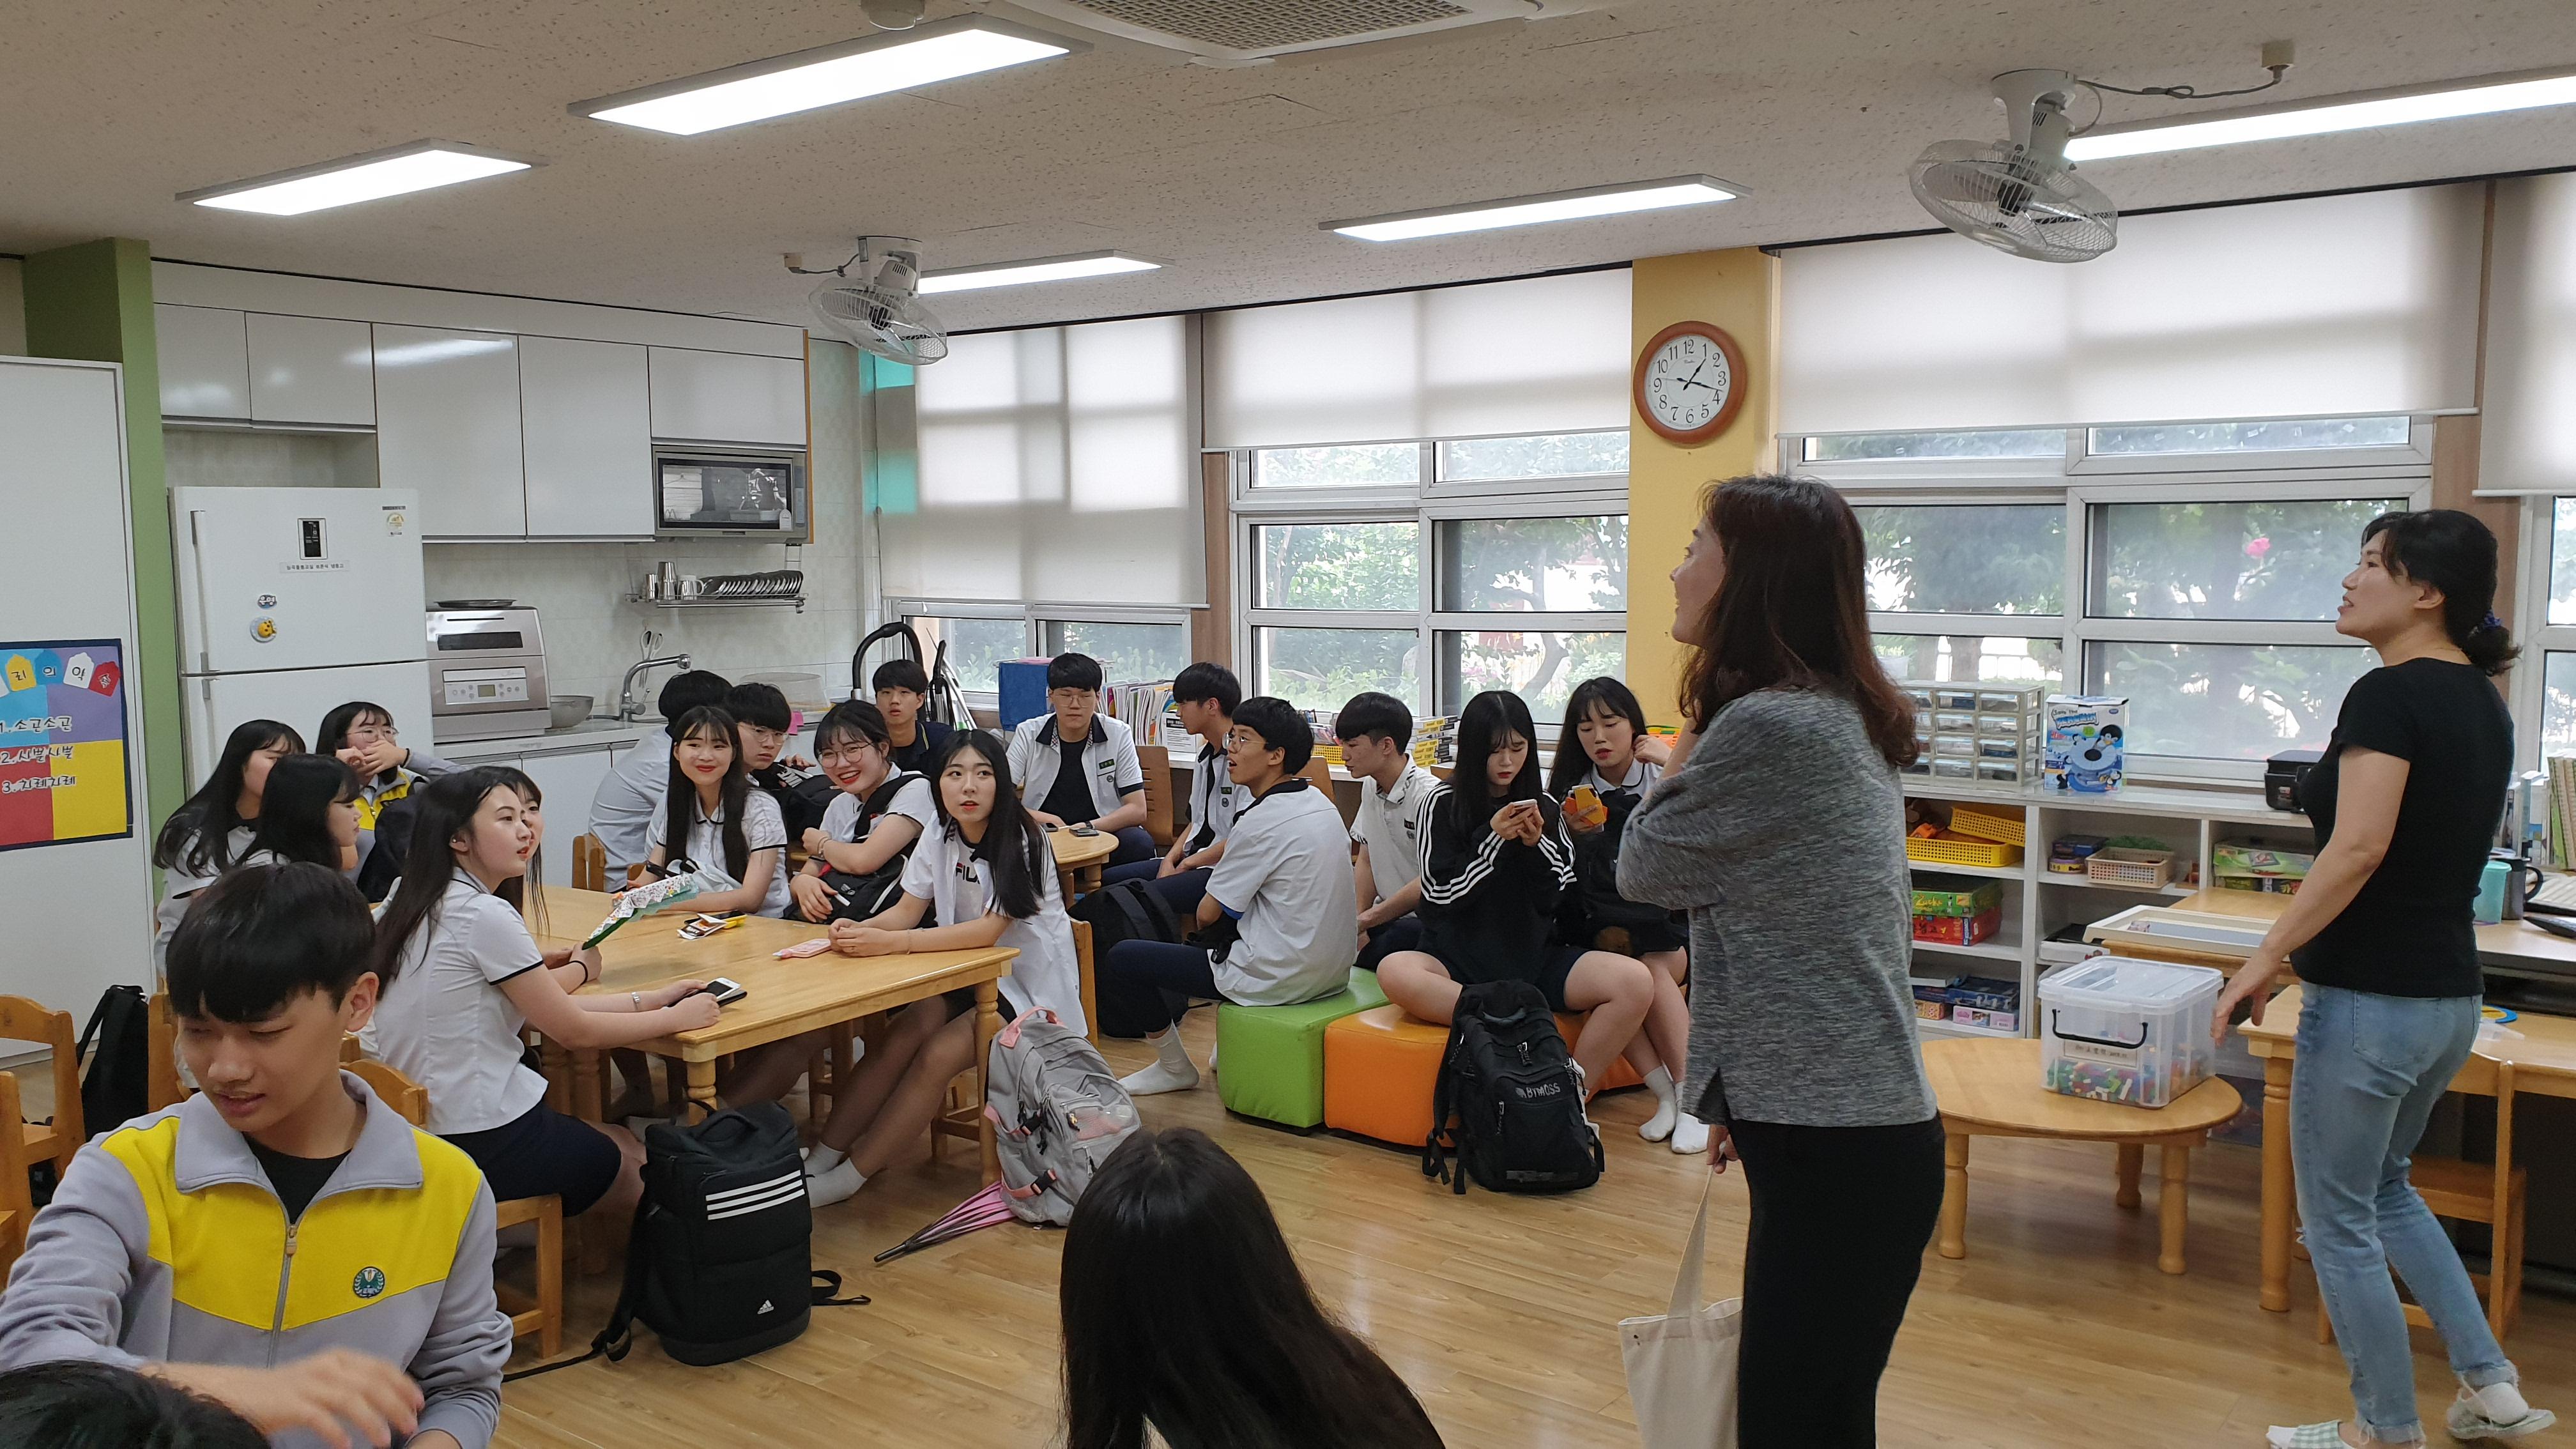 동아리데이 마을연계활동 심곡초등학교 활동(교육탐구동아리)